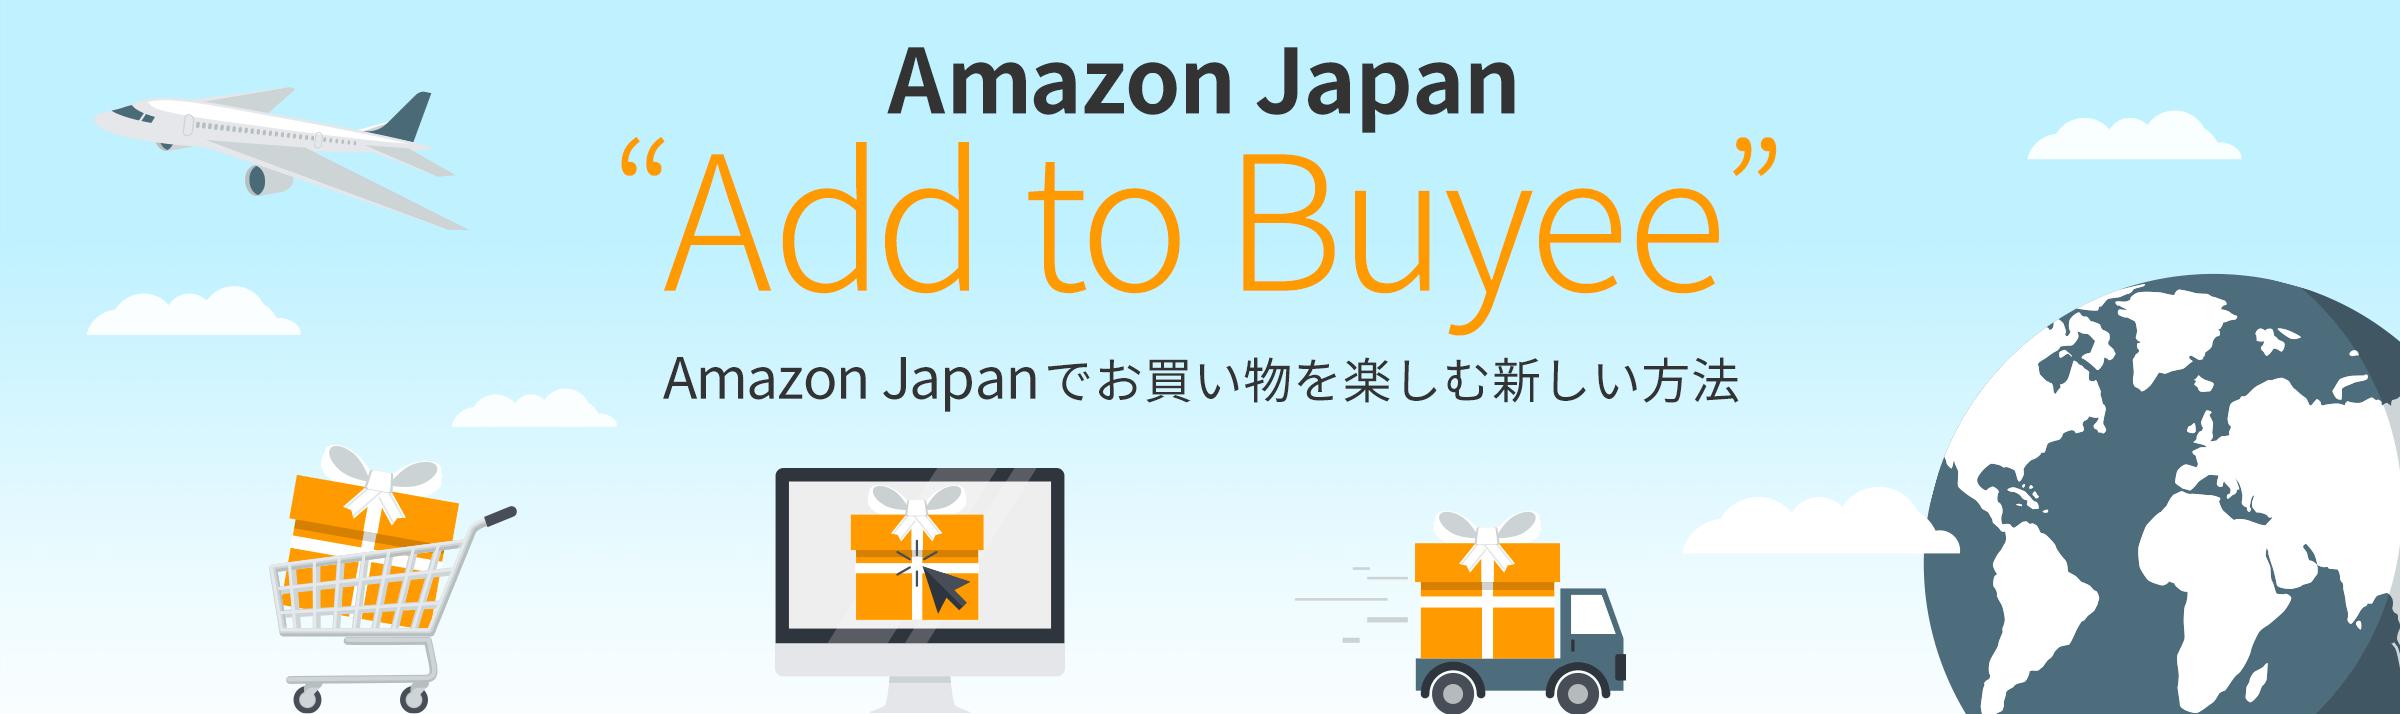 """Amazon Japan """"Add to Buyee"""" Amazon Japanでお買い物を楽しむ新しい方法"""